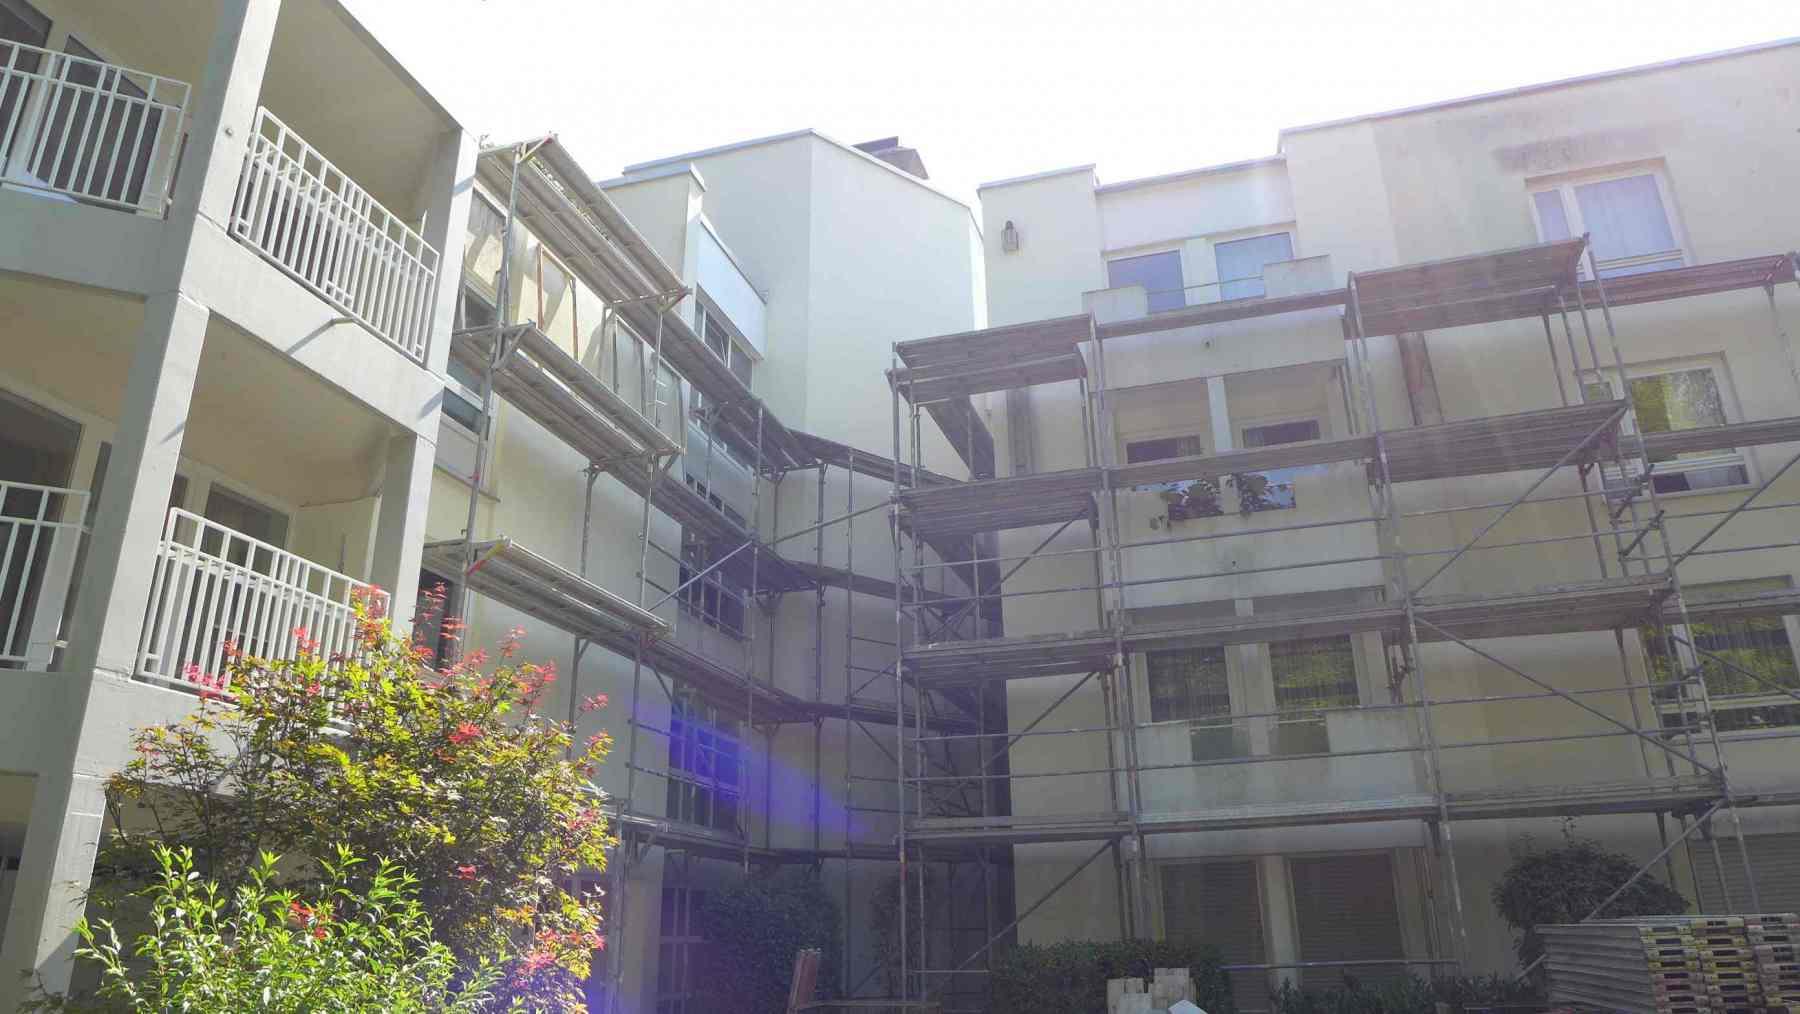 Fassadensanierung-Muenchen-12